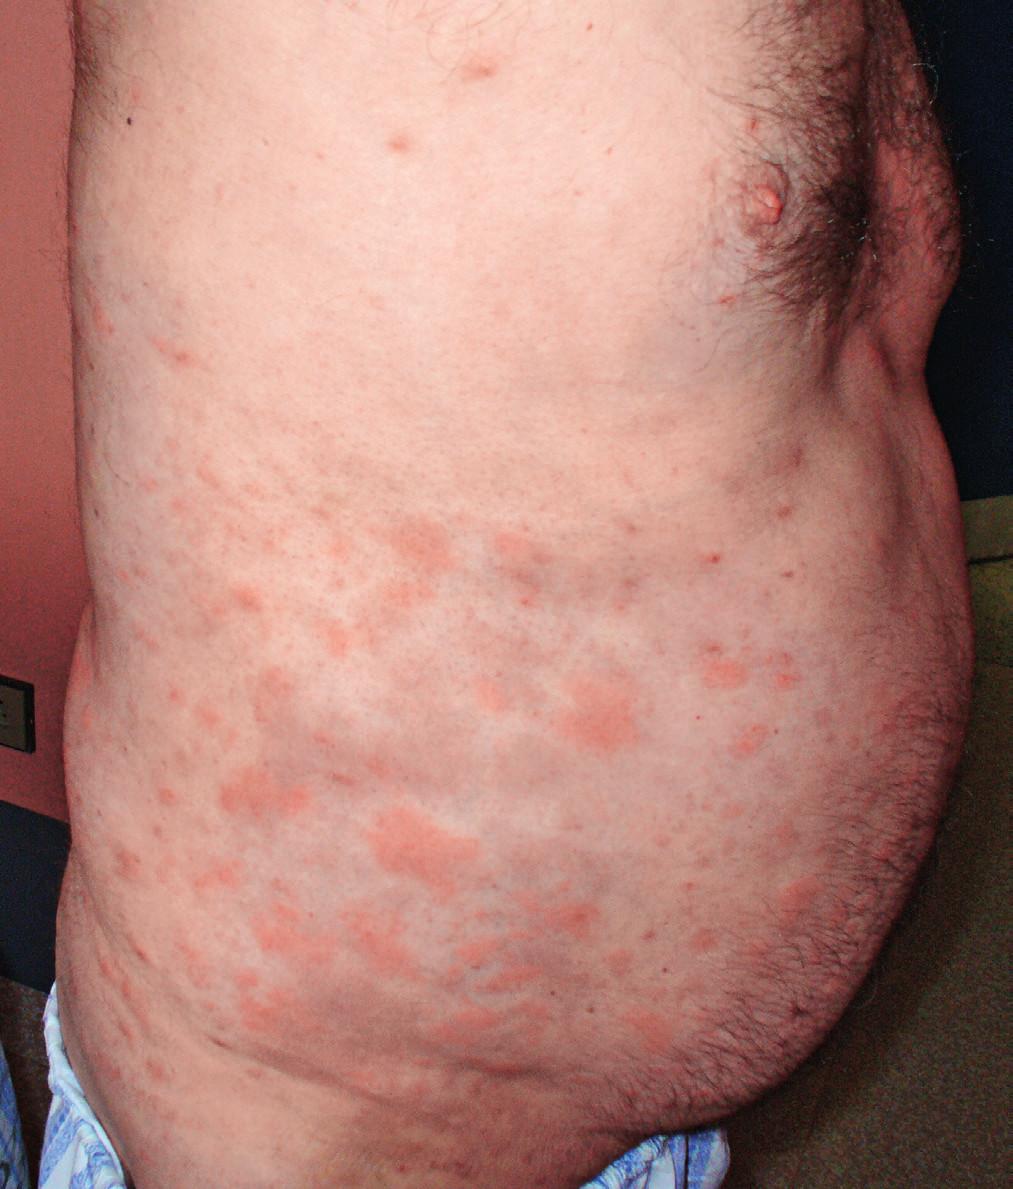 Snímek prvního pacienta s velkými kopřivkovými morfami před léčbou anakinrou